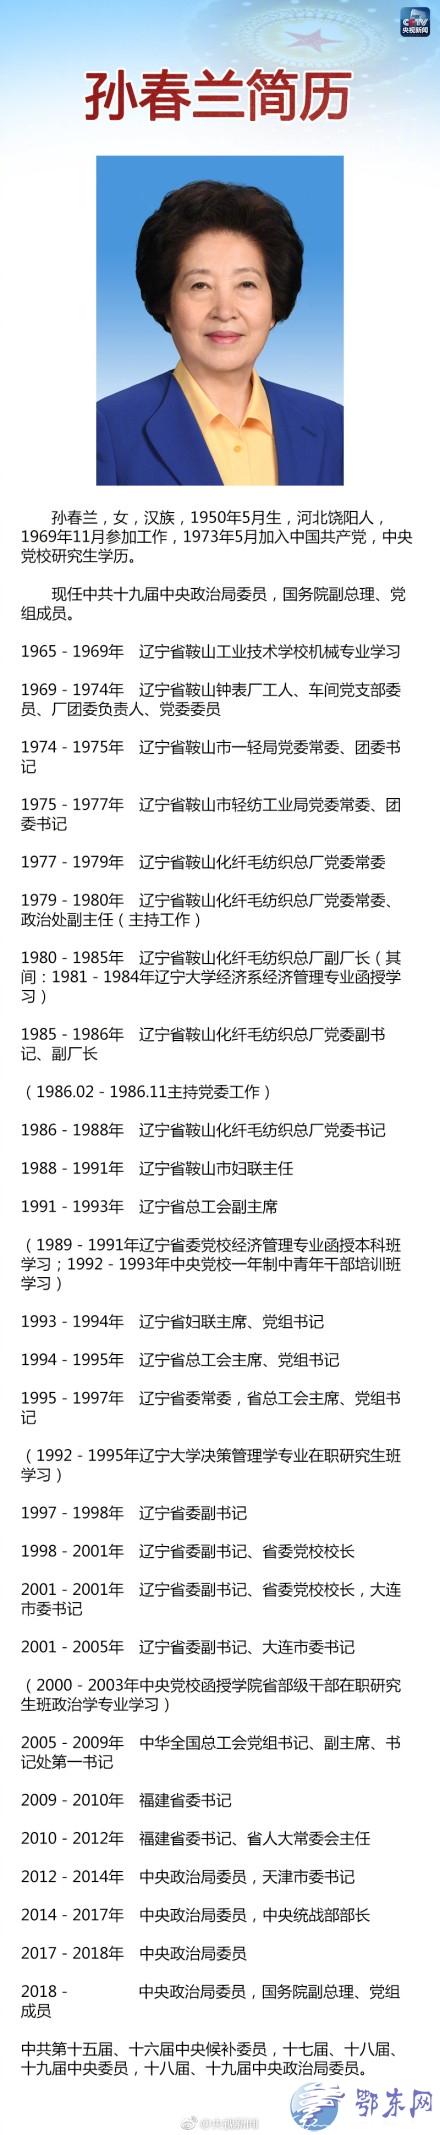 孙春兰:新中国成立后第五位女副总理   孙春兰简历